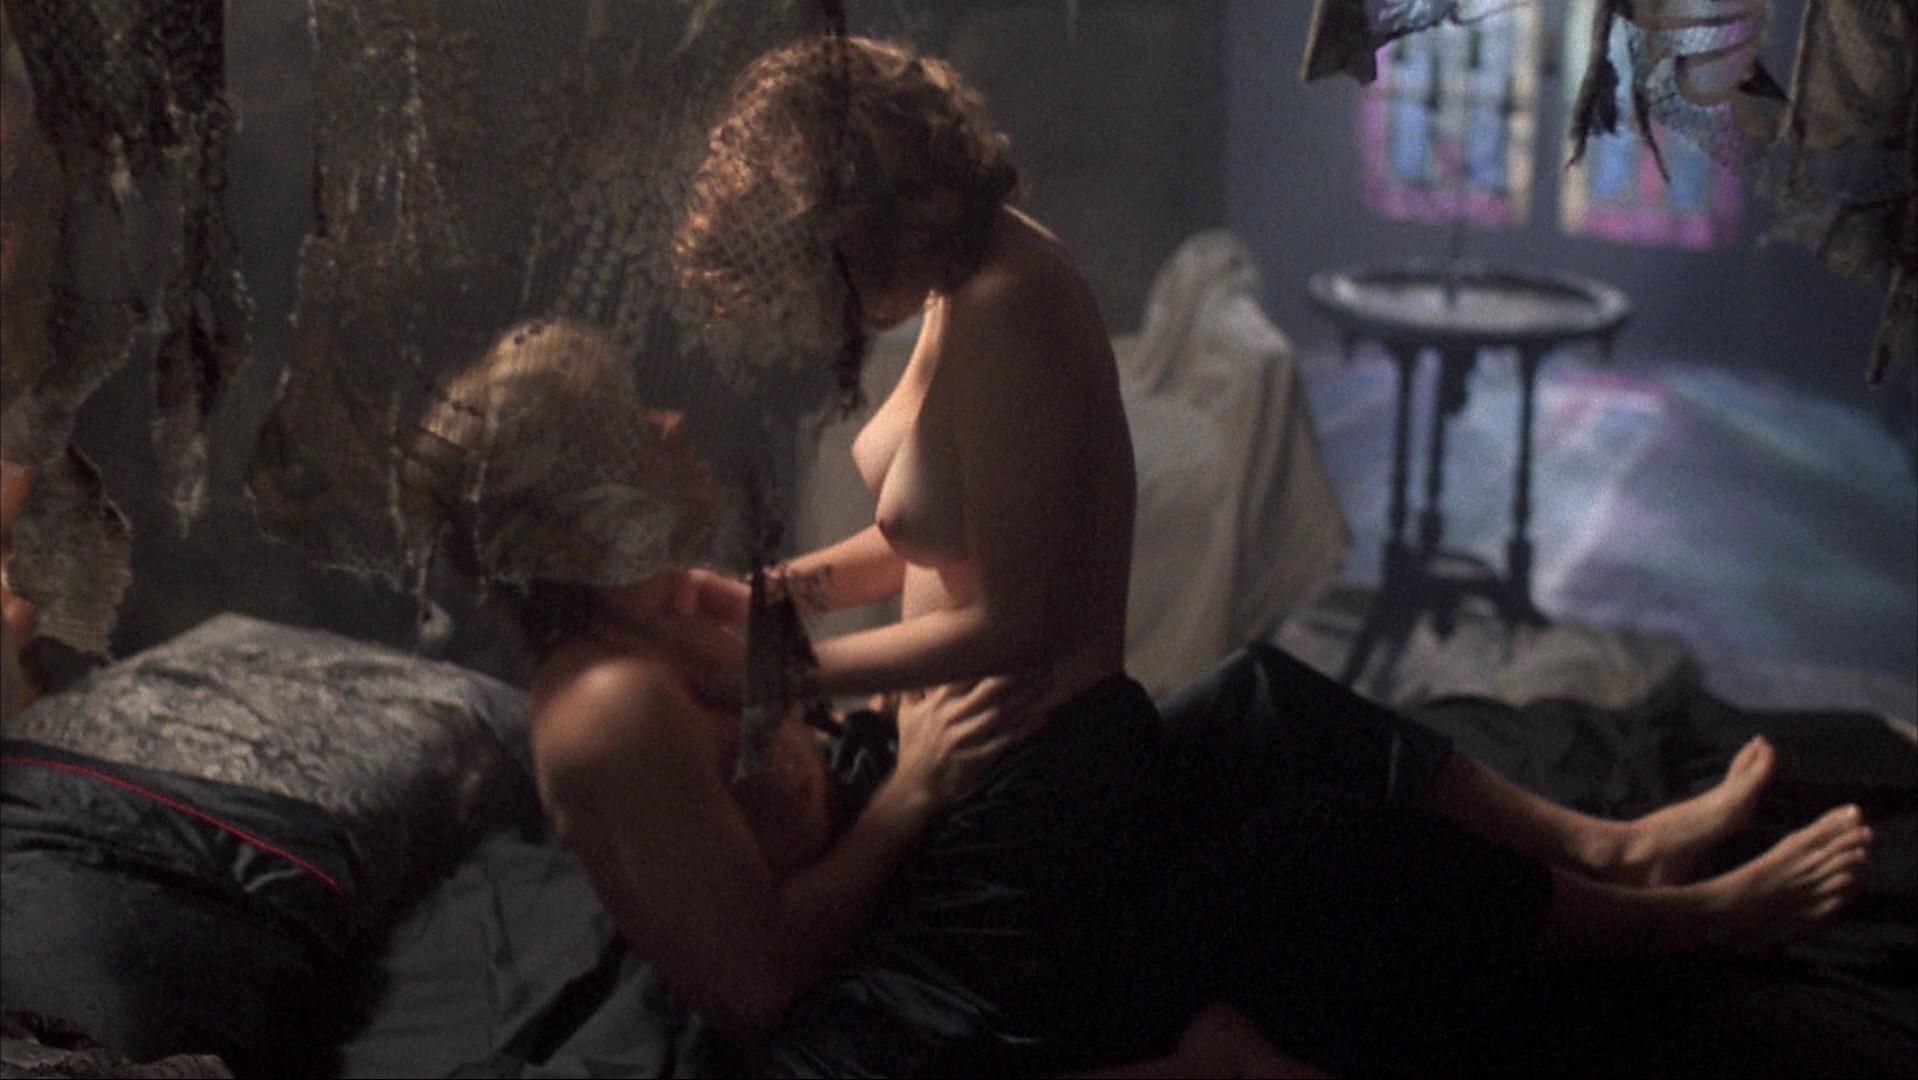 Morven christie nude topless